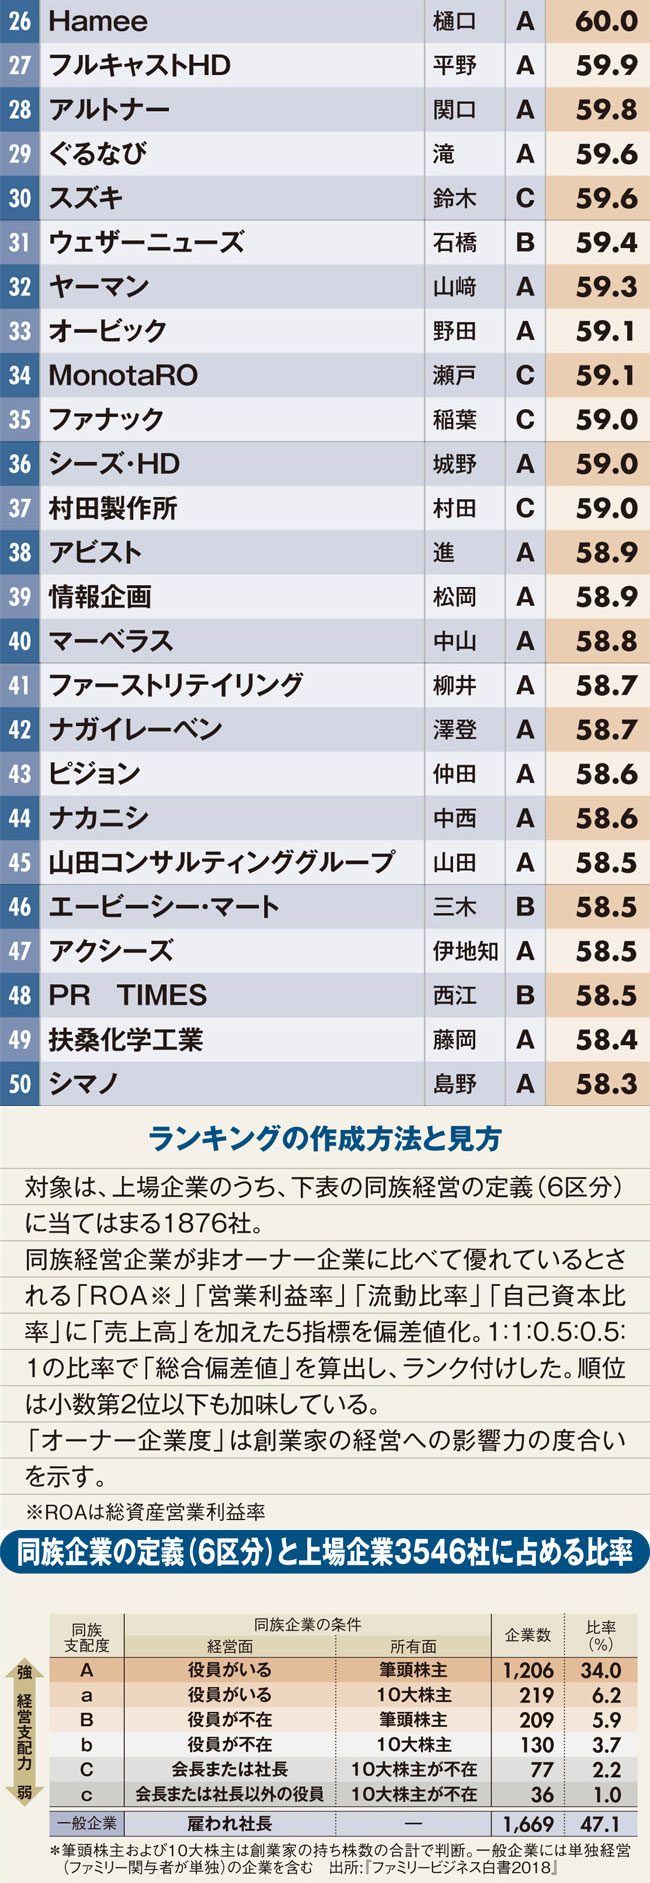 最強オーナー企業ランキング【全業種総合編・全50位・完全版】